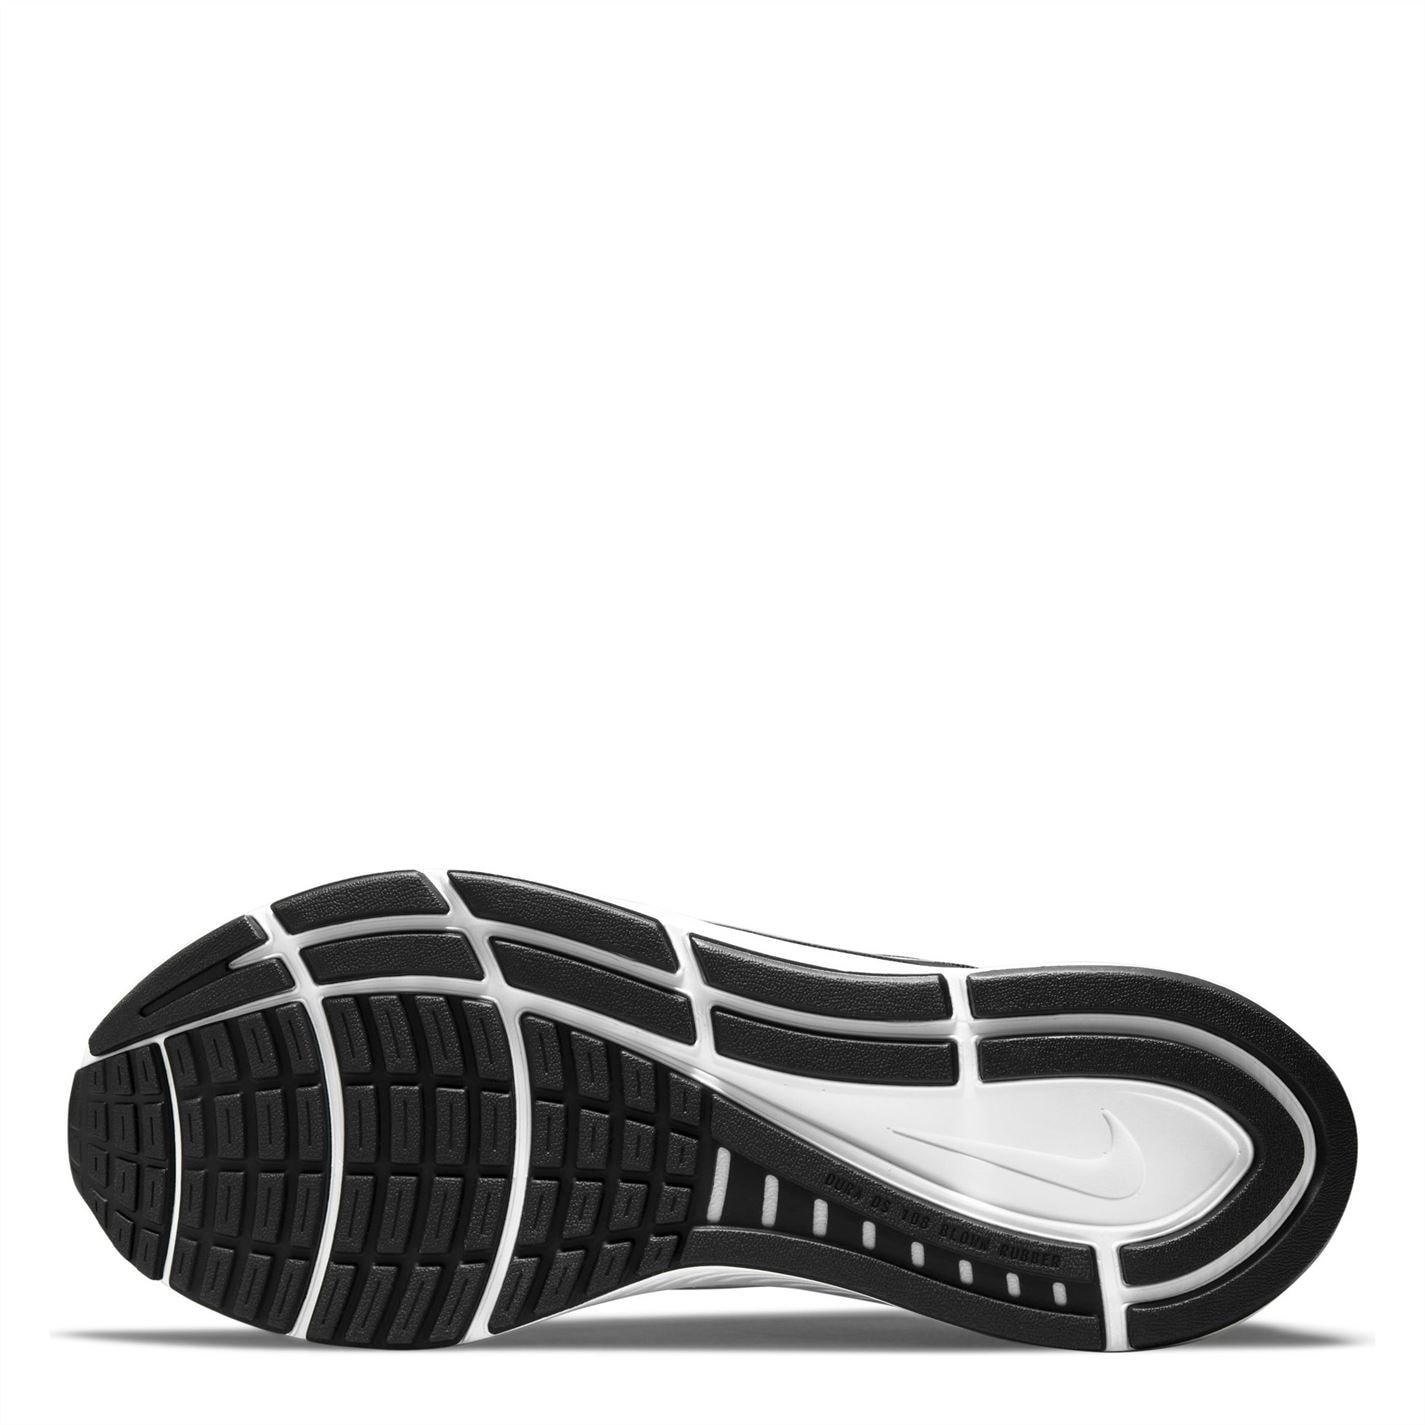 Pantofi Sport Nike Air Zoom Structure 24 pentru Barbati negru alb